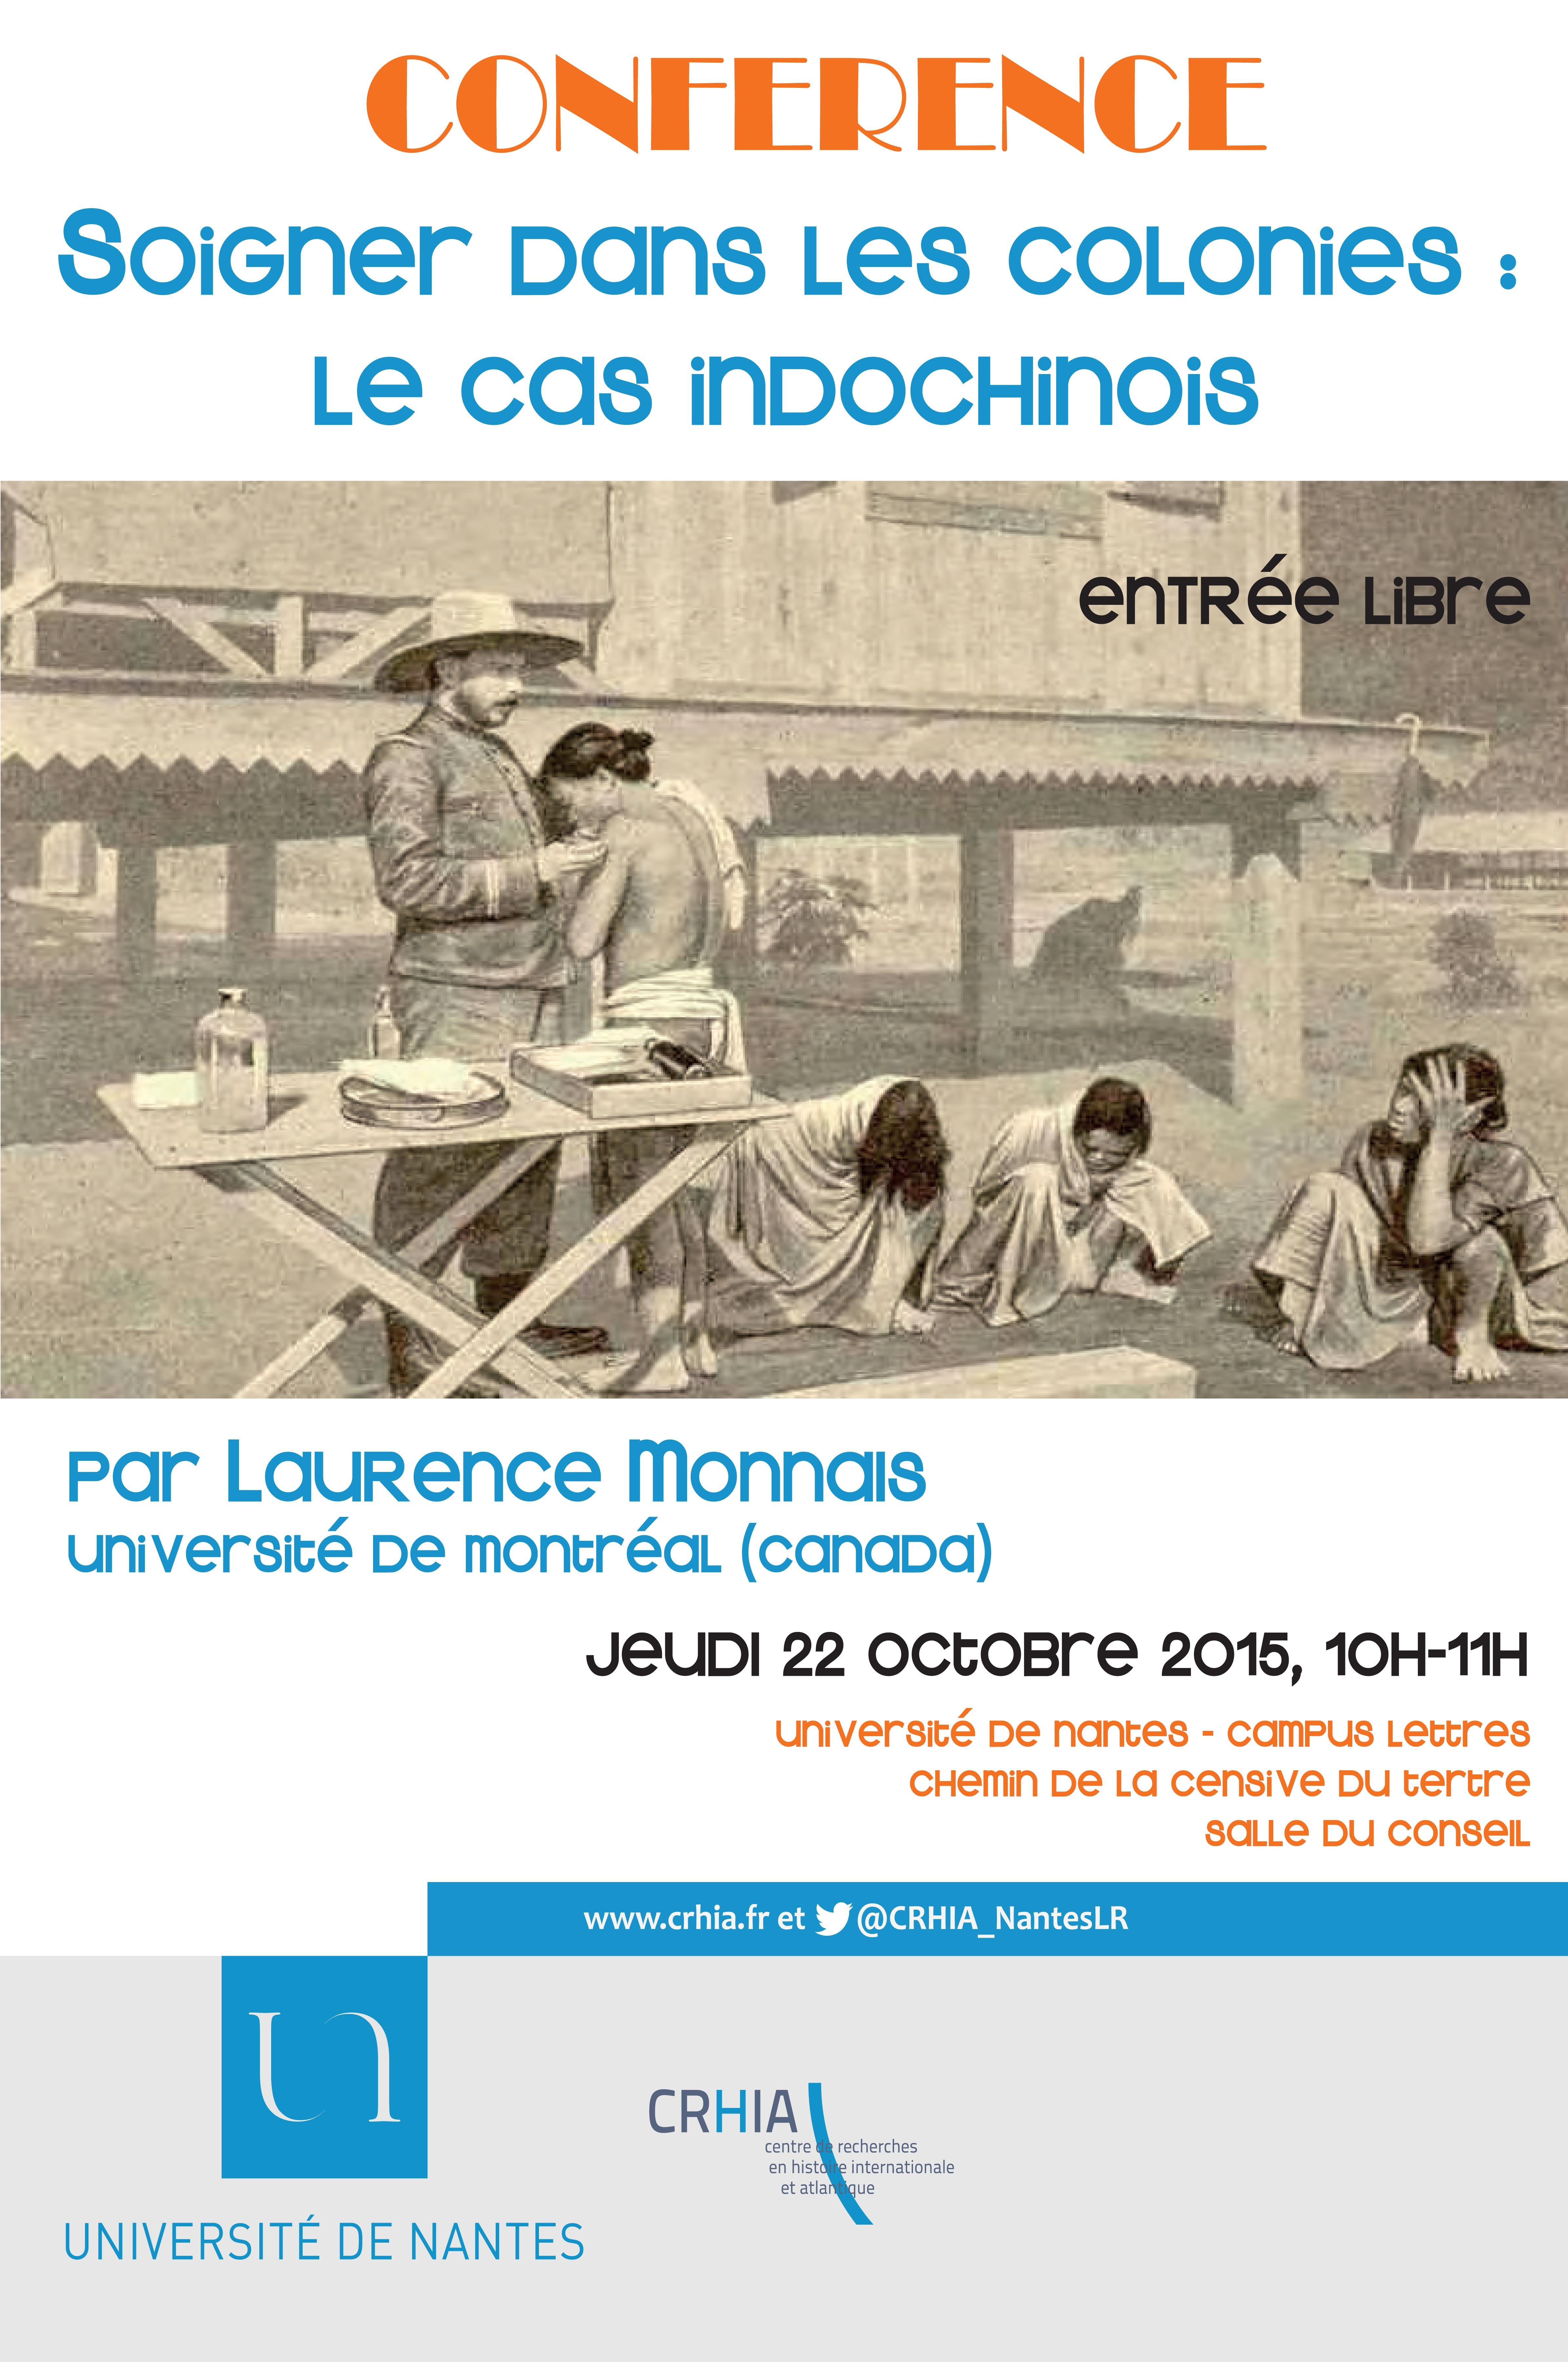 Conférence de Laurence Monnais : Soigner dans les colonies, le cas indochinois